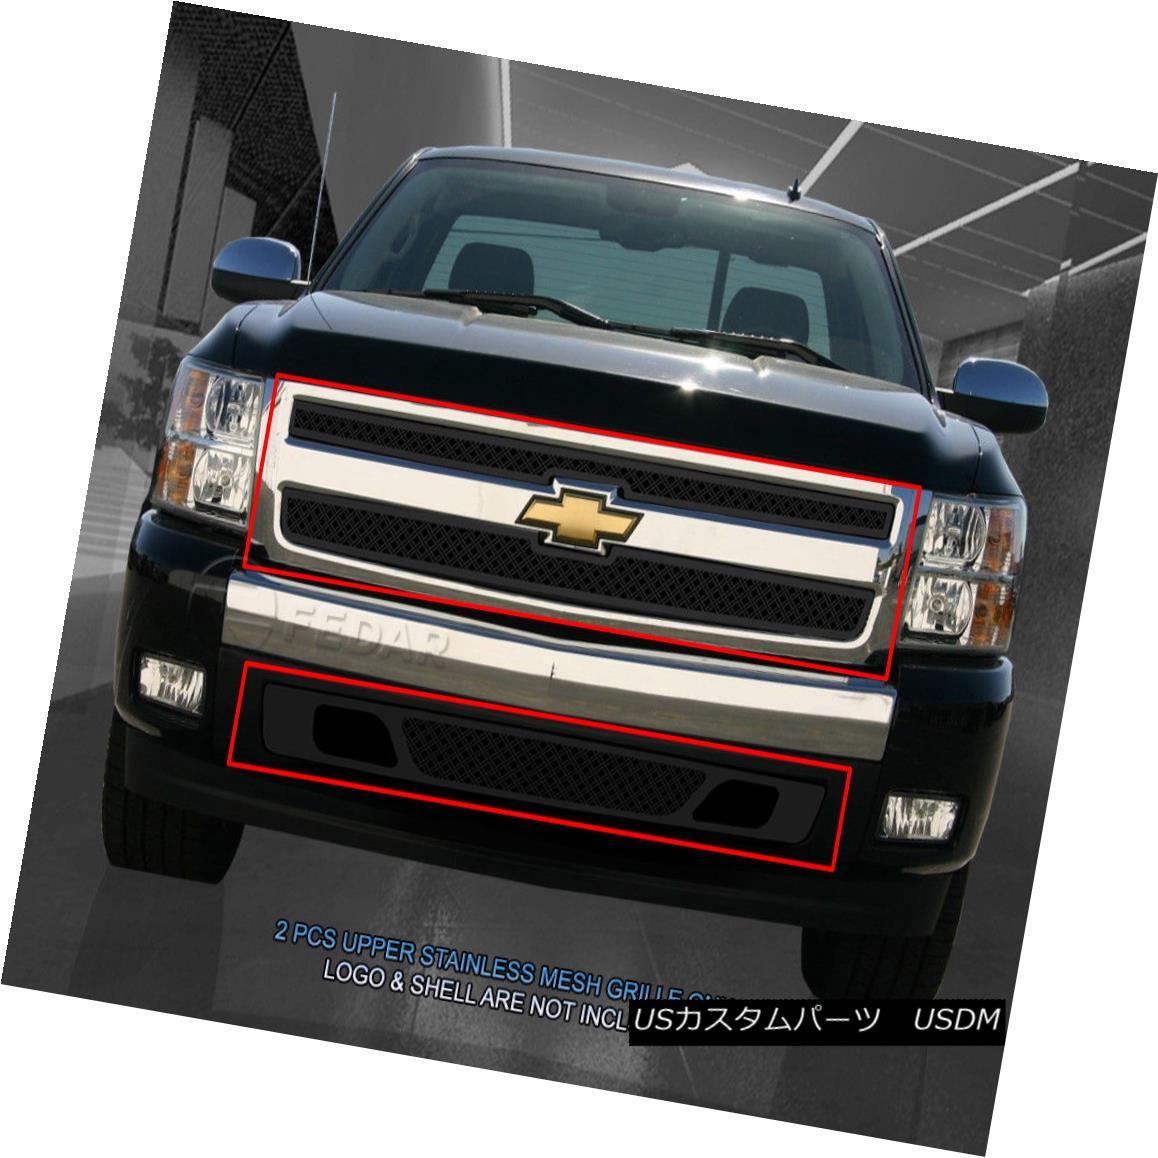 グリル 07-13 Chevy Silverado 1500 Stainless Steel Black Dual Mesh Grille Upper Insert 07-13 Chevy Silverado 1500ステンレススチールブラックデュアルメッシュグリルアッパーインサート